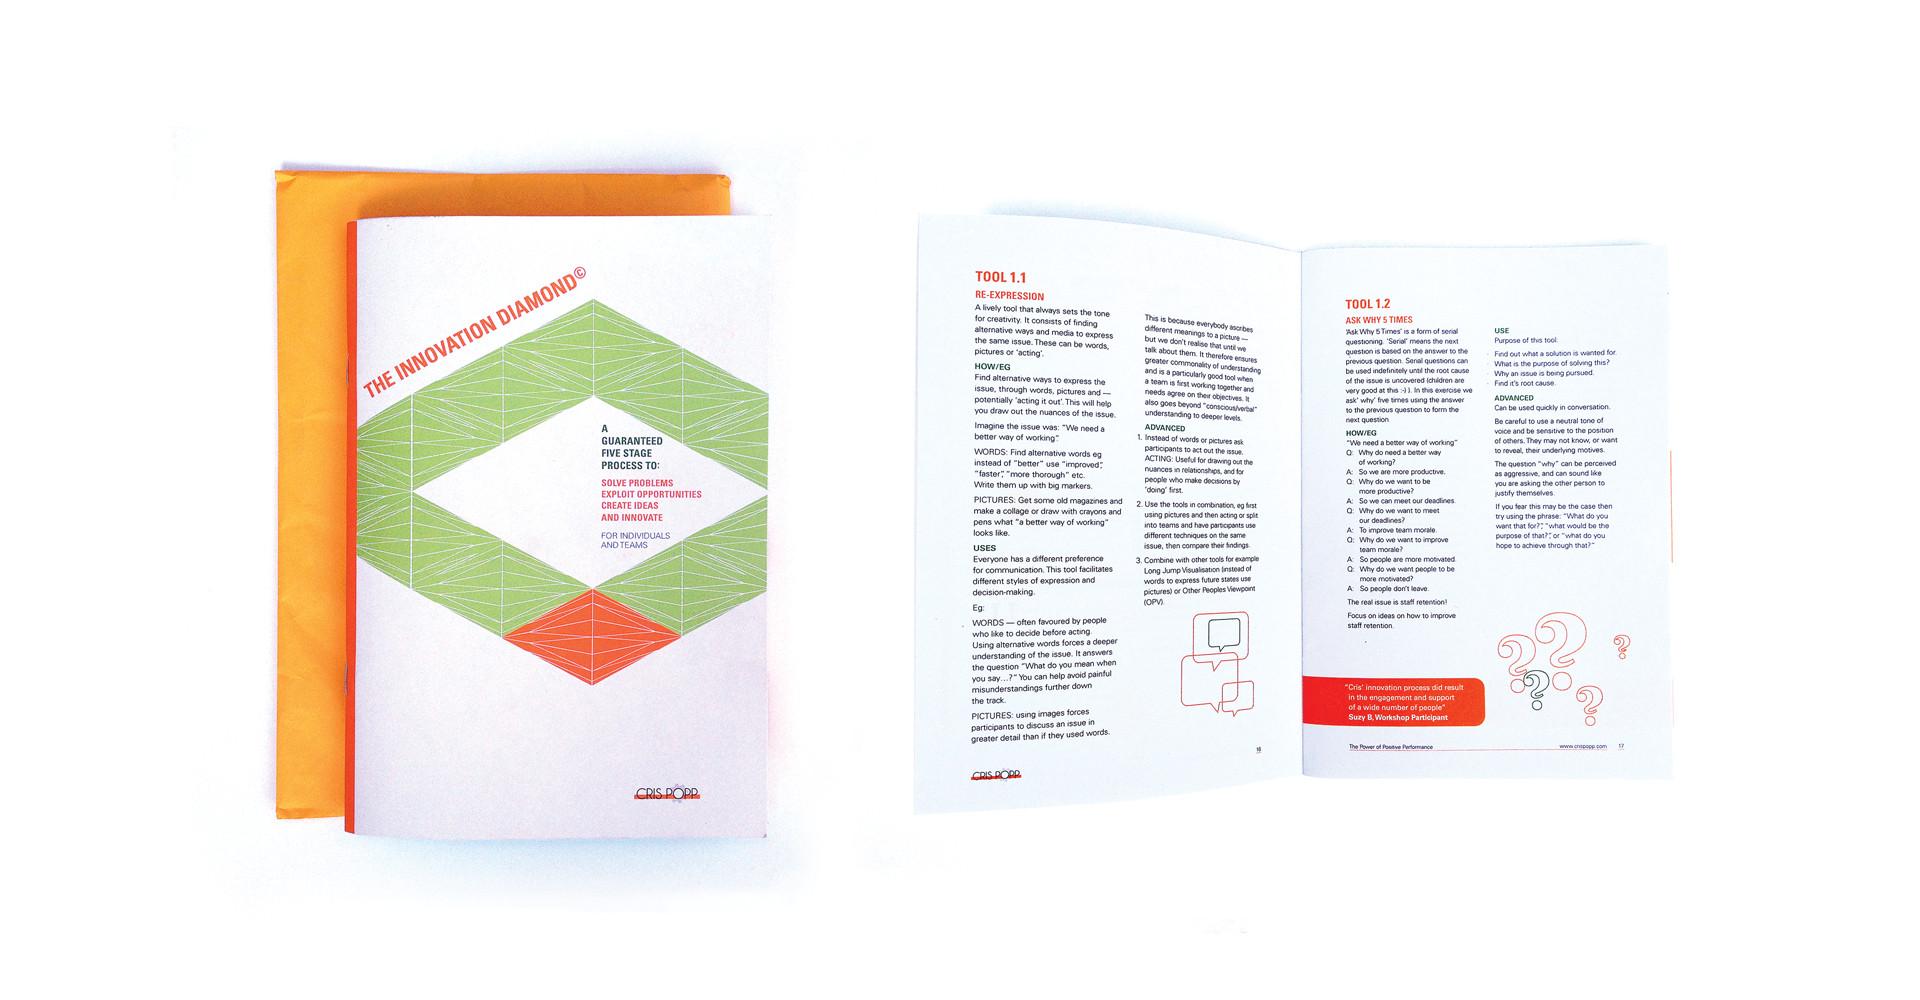 Popp_innovation_manual.jpg